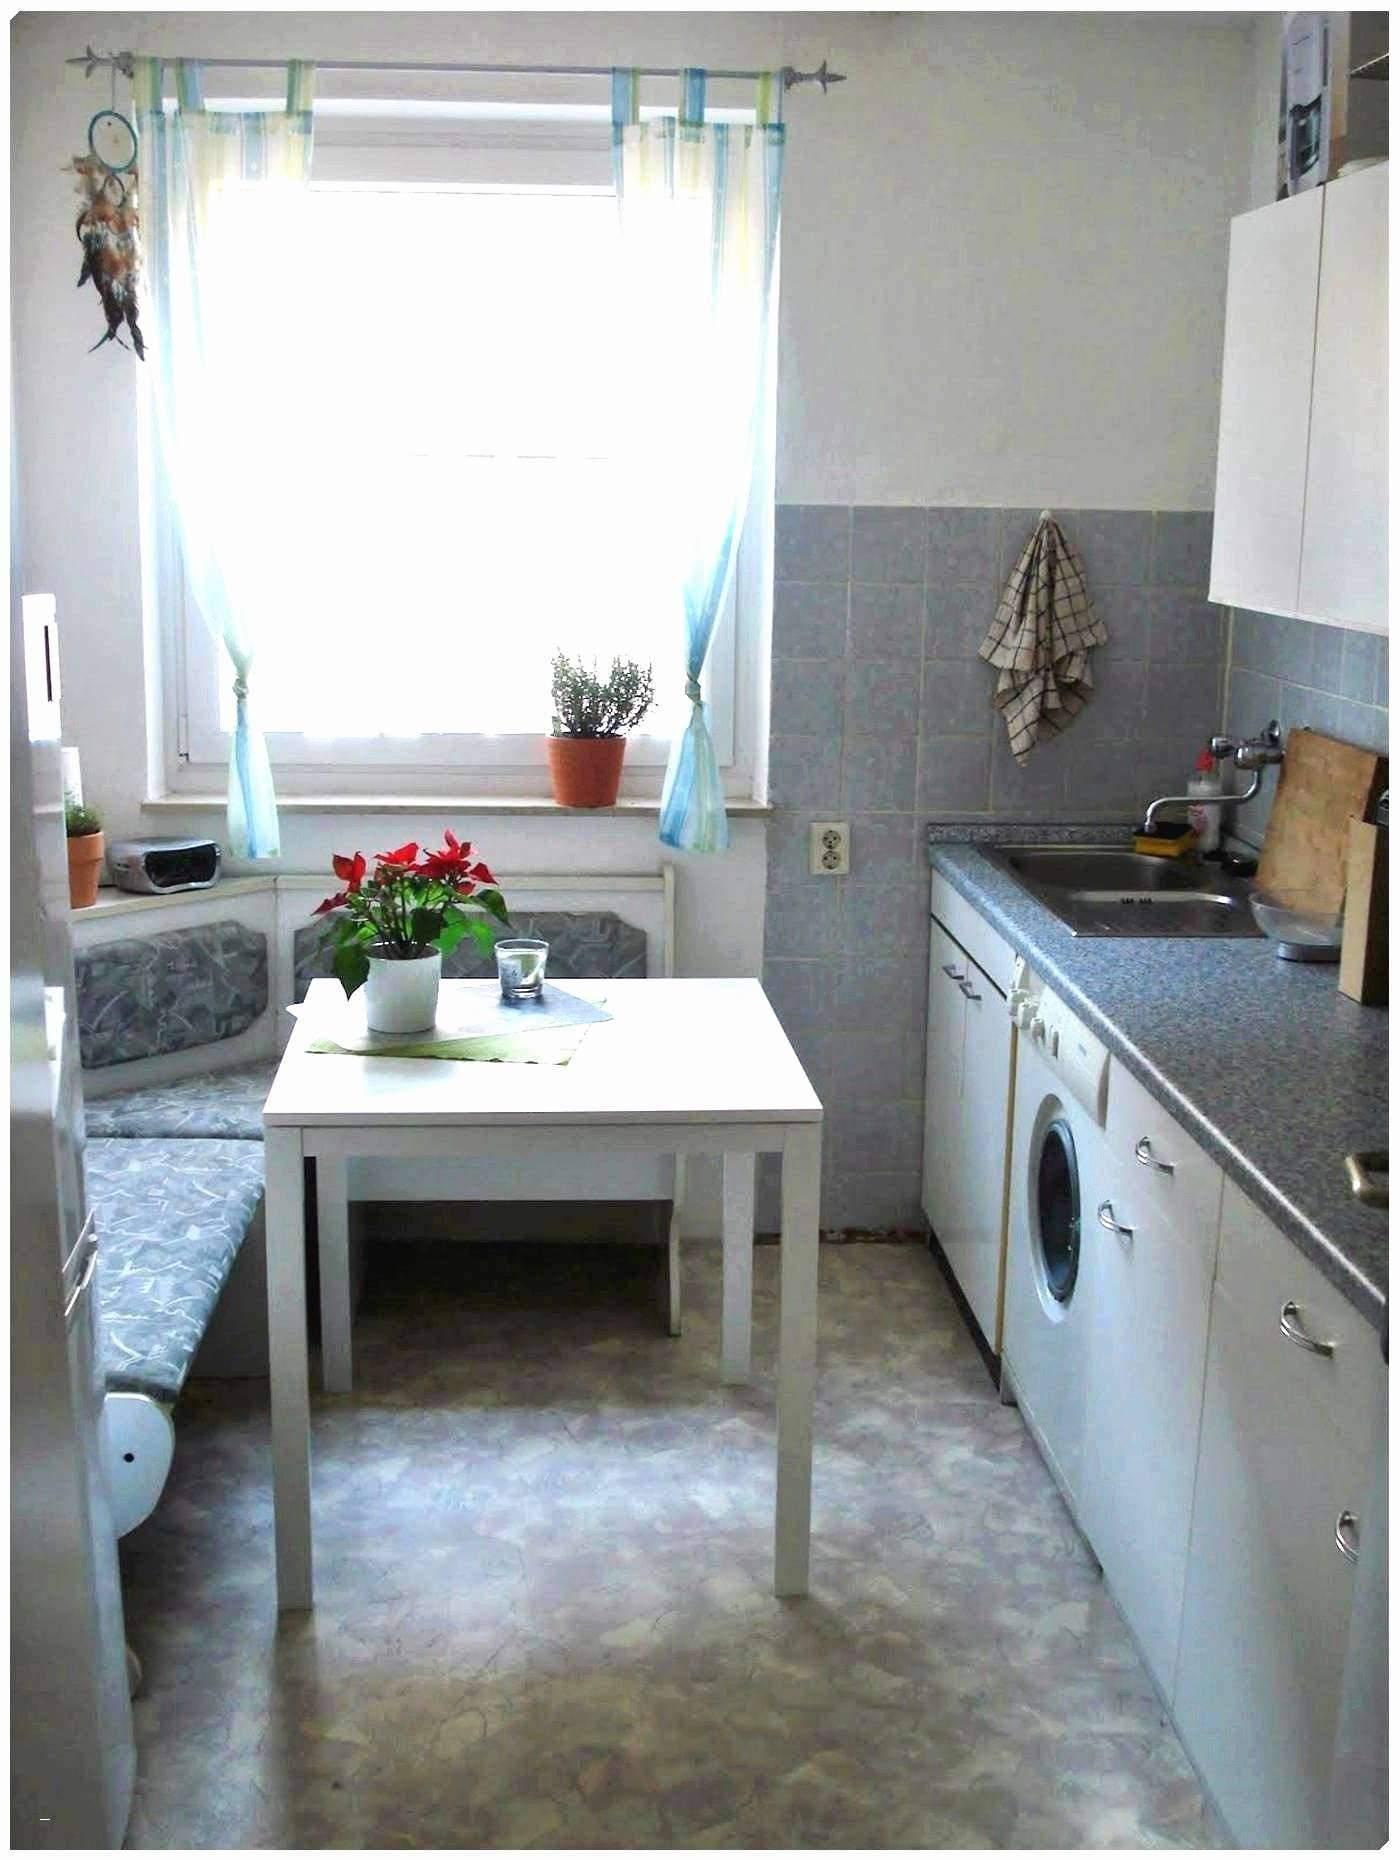 wohnzimmer deko ideen reizend elegant wohnzimmer deko home ideen of wohnzimmer deko ideen